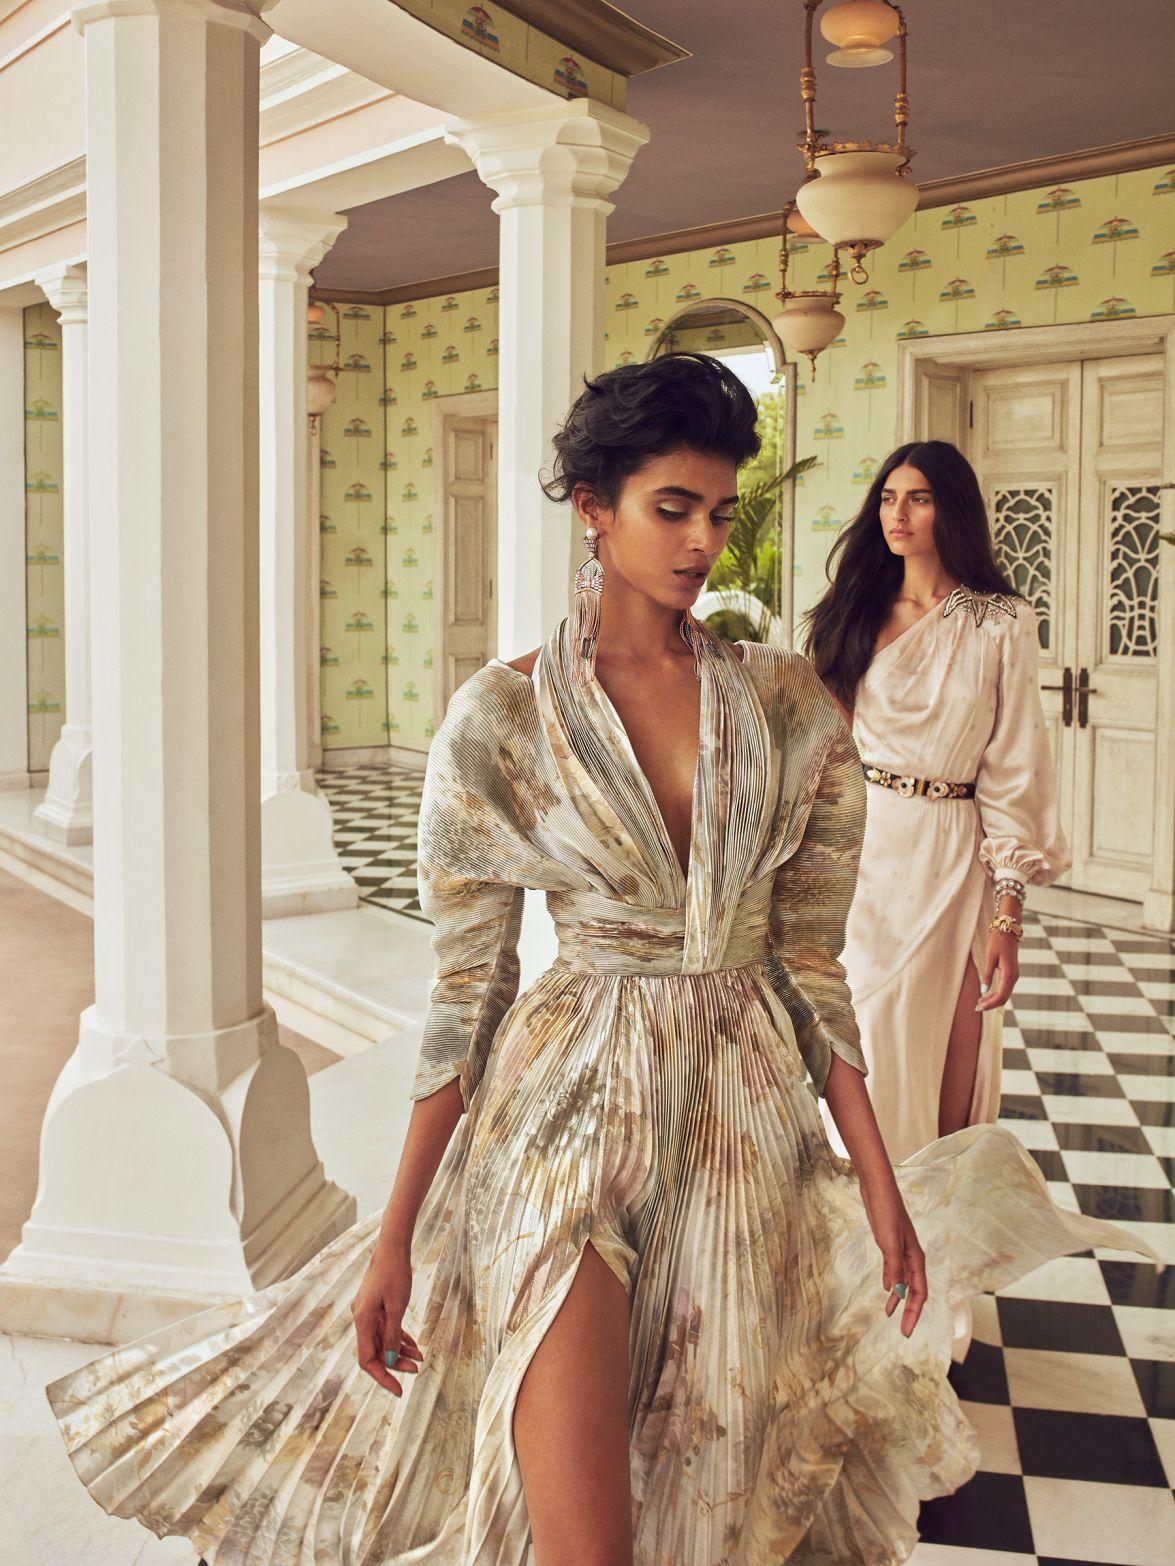 Vogue_Jaipur__O8A0530_gv3604.jpg